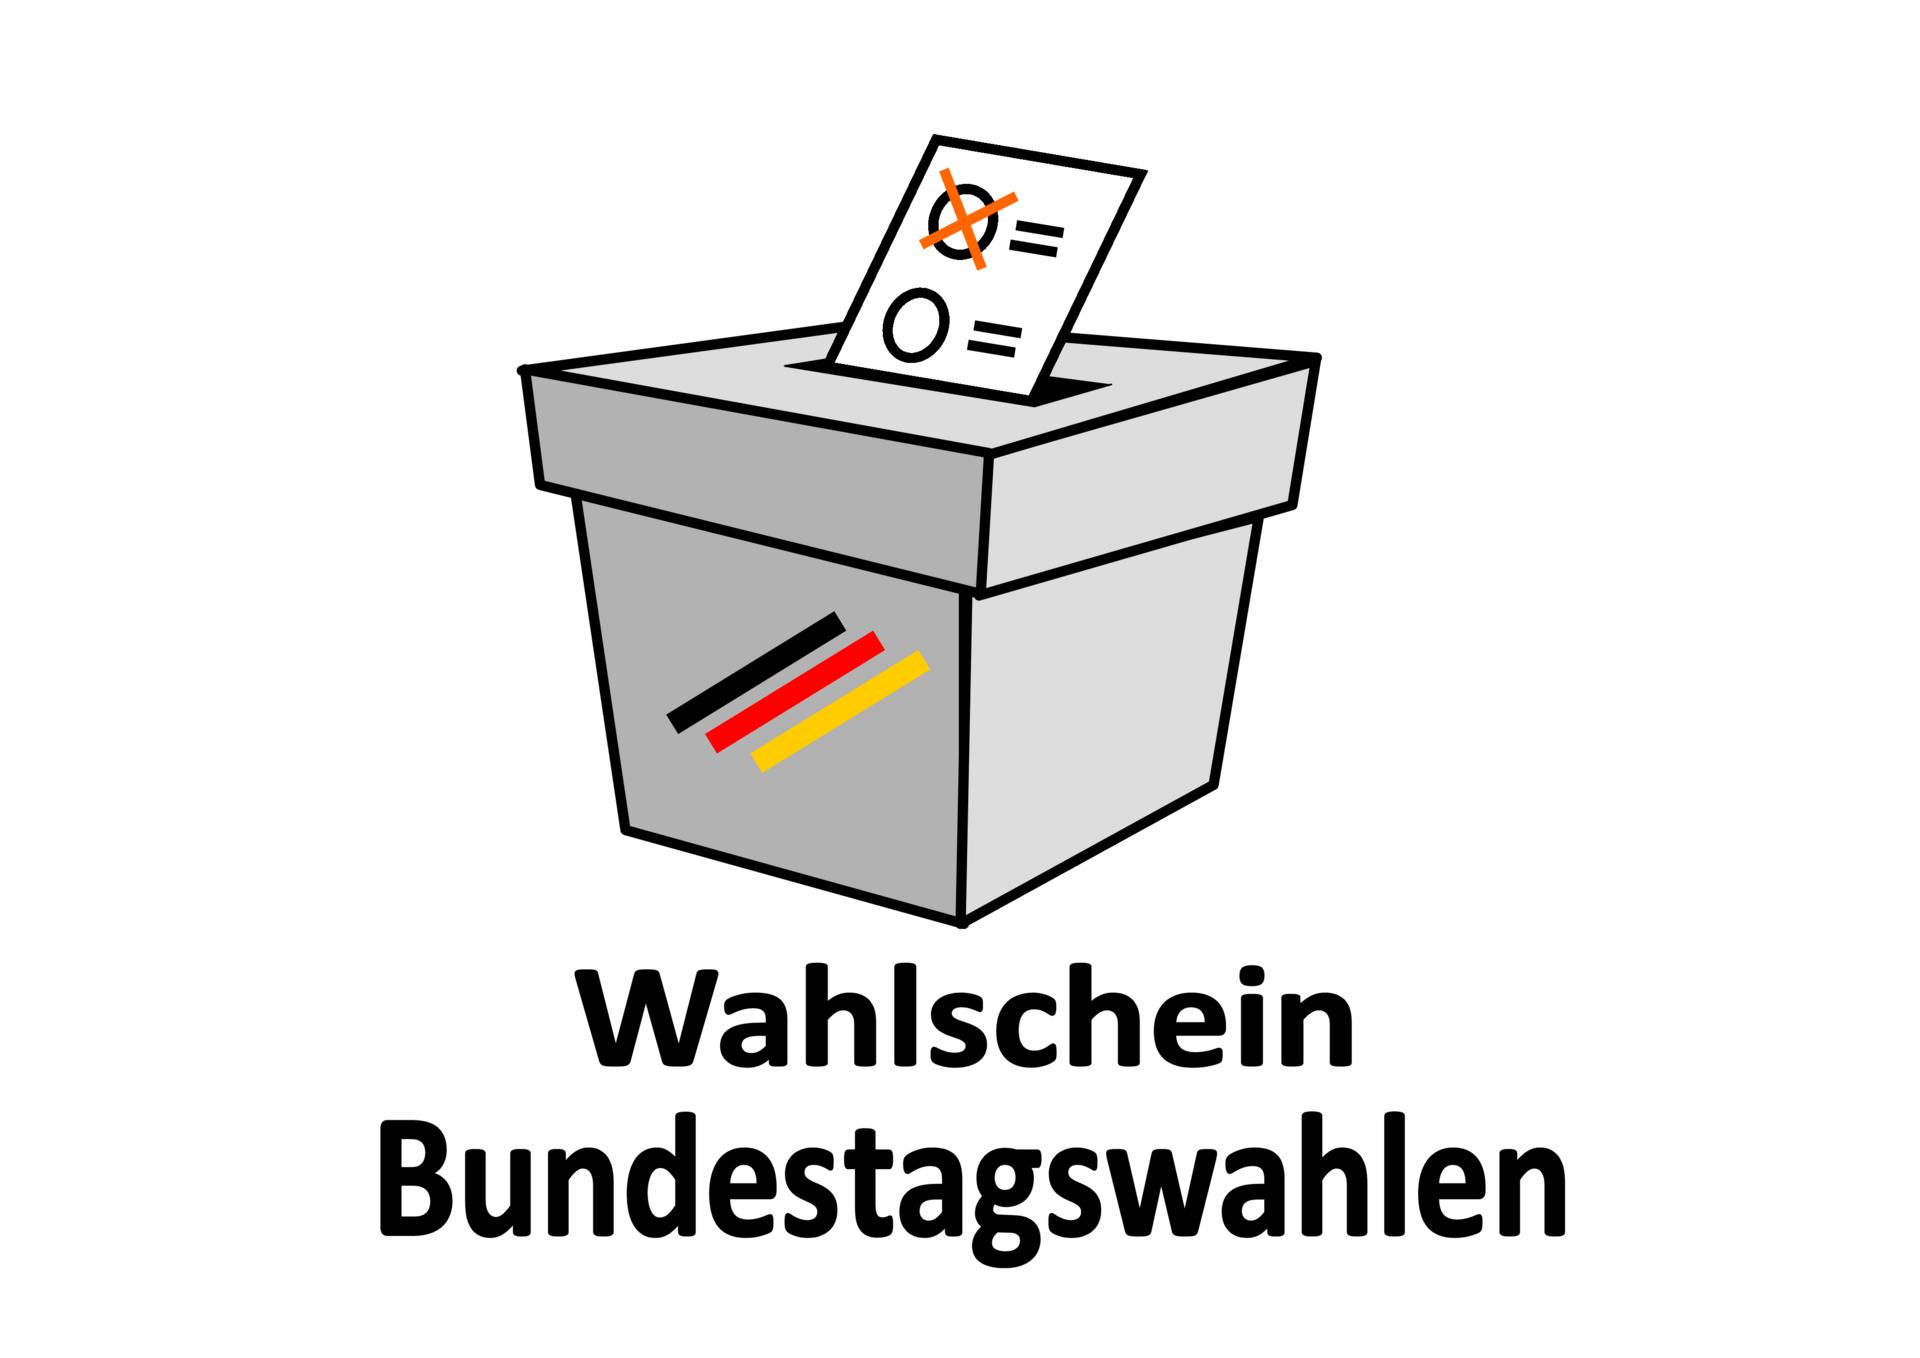 Wahlschein für die Bundestagswahlen